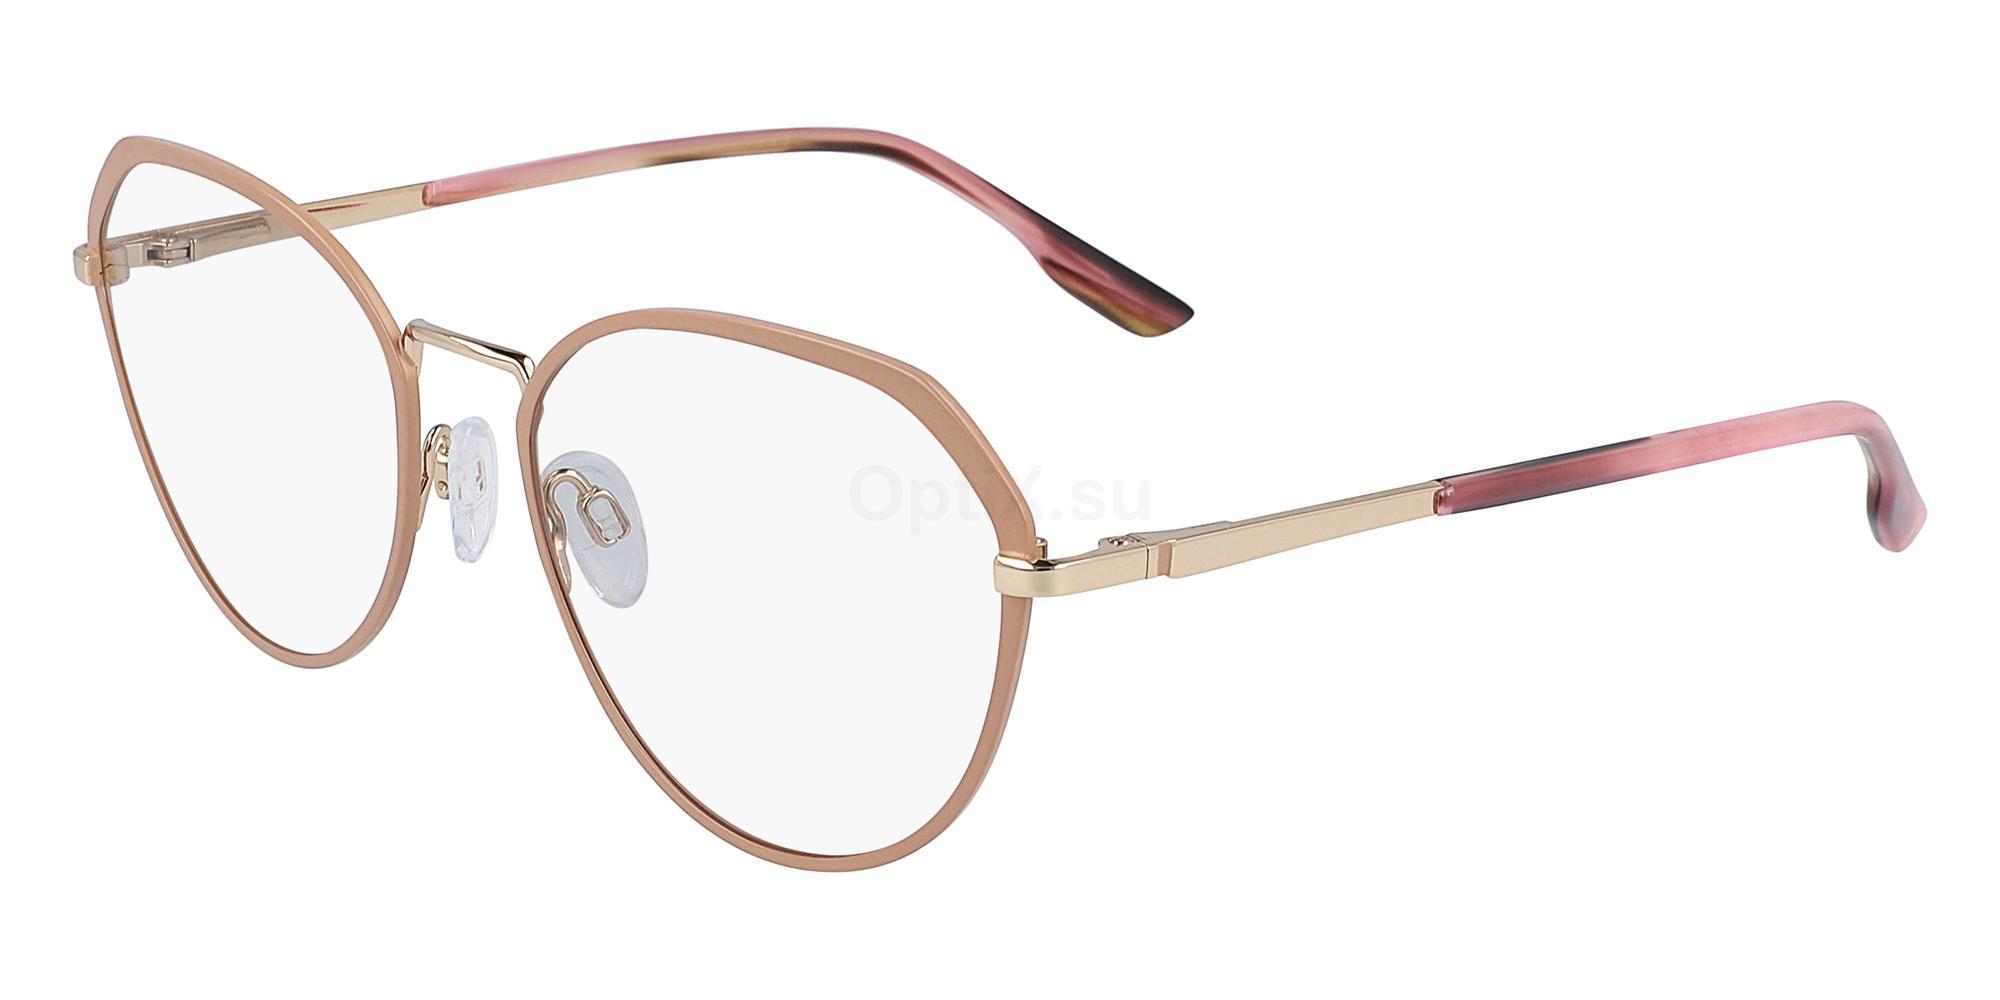 757 SK3001 NATTVIOL Glasses, Skaga